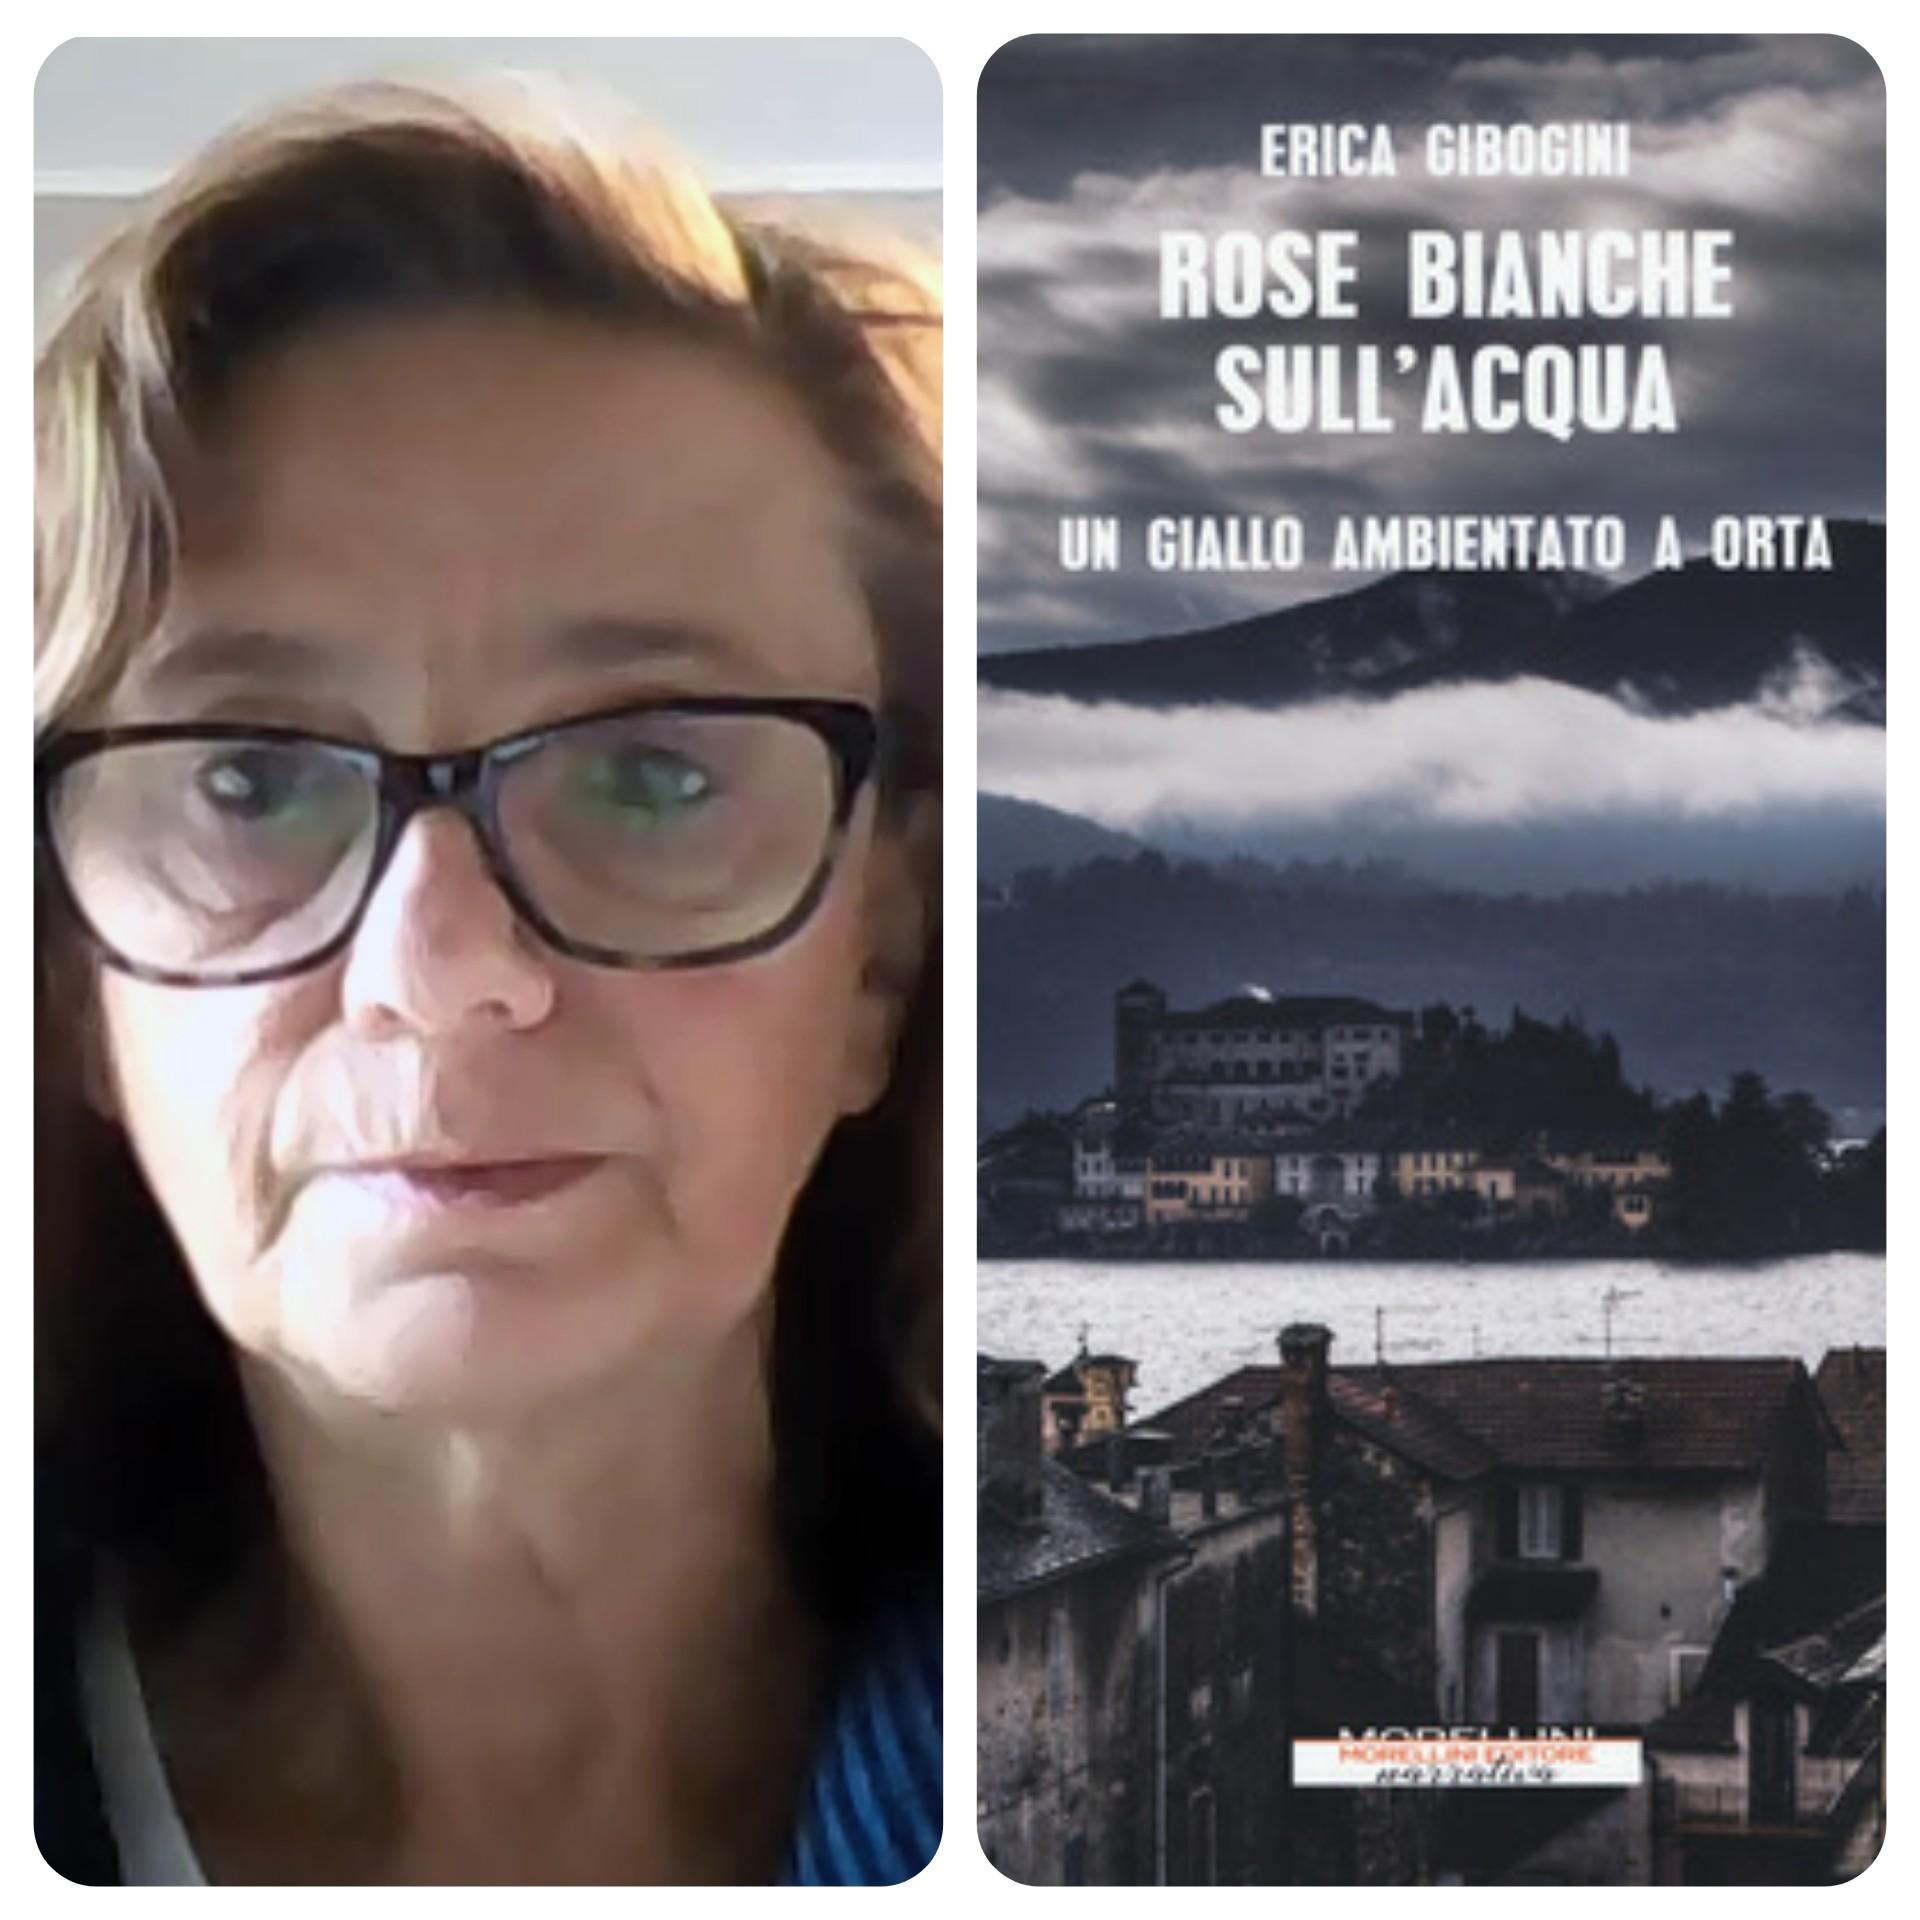 """""""Ve lo legge lo scrittore"""" con Erica Gibogini autrice del romanzo """" Rose bianche sull'acqua"""" edito da Morellini"""